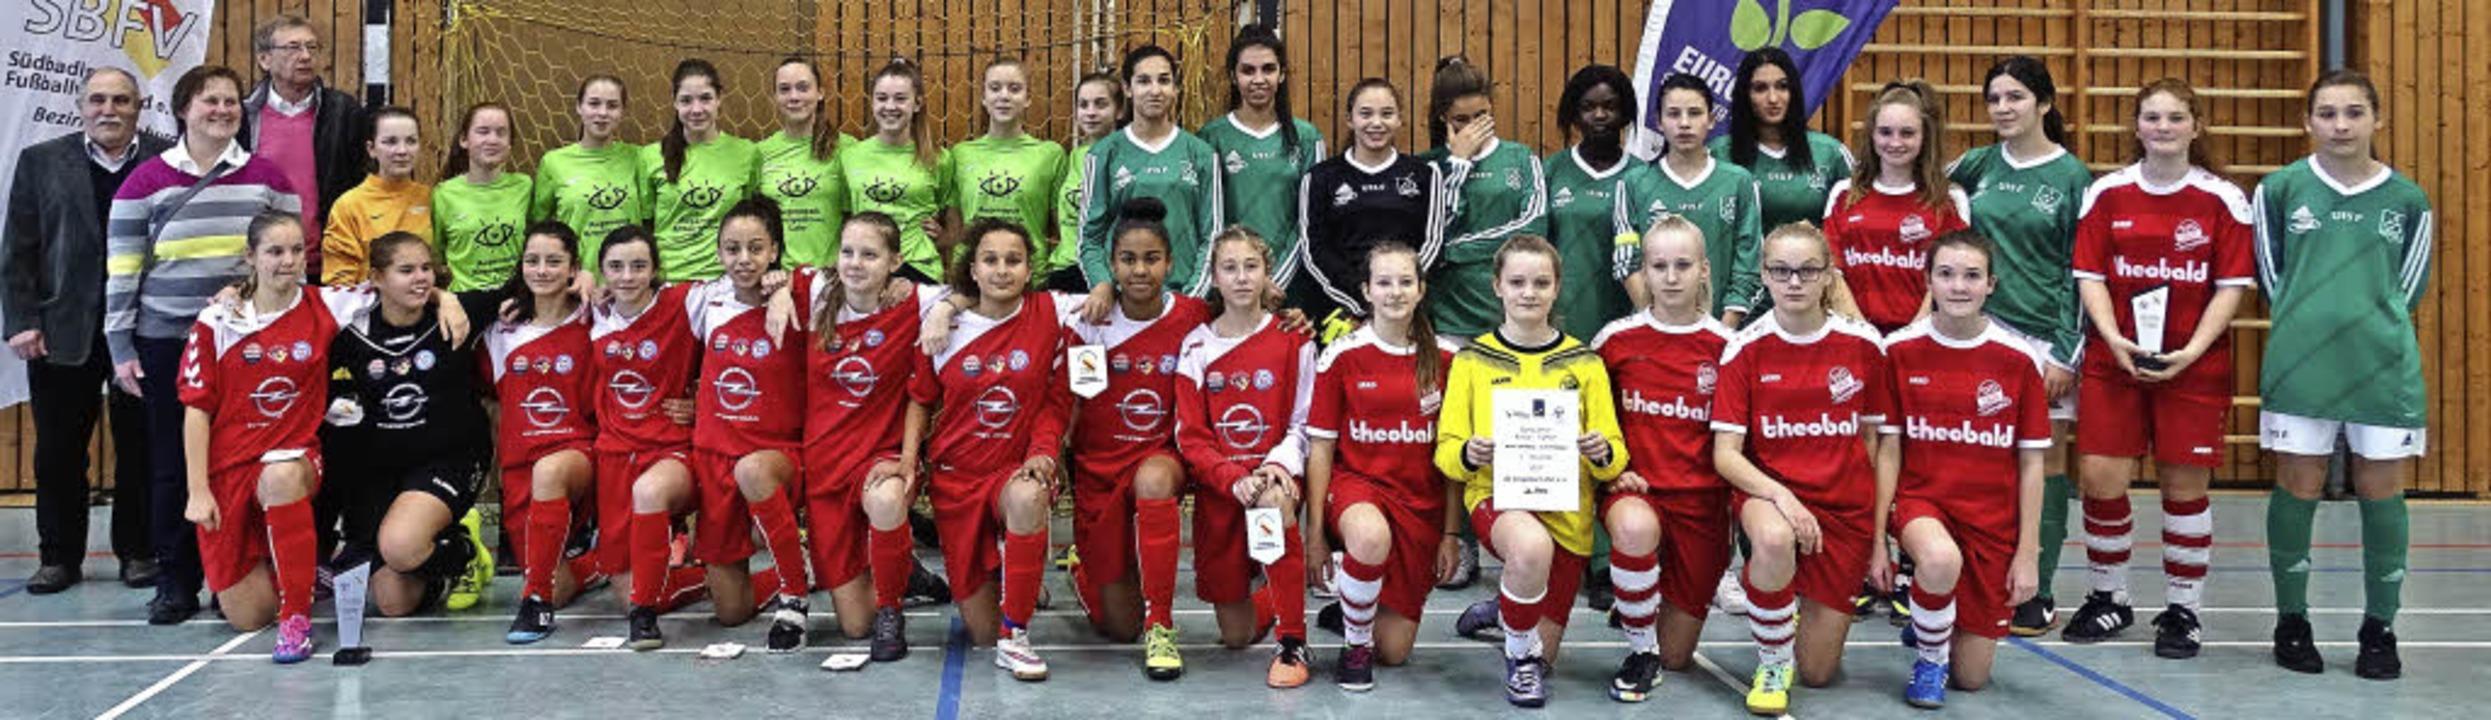 <BZ-FotoAnlauf>FUTSAL:</BZ-FotoAnlauf>...trikt-Turnier der Mädchen teilnahmen.     Foto:  Kerstin Rendler